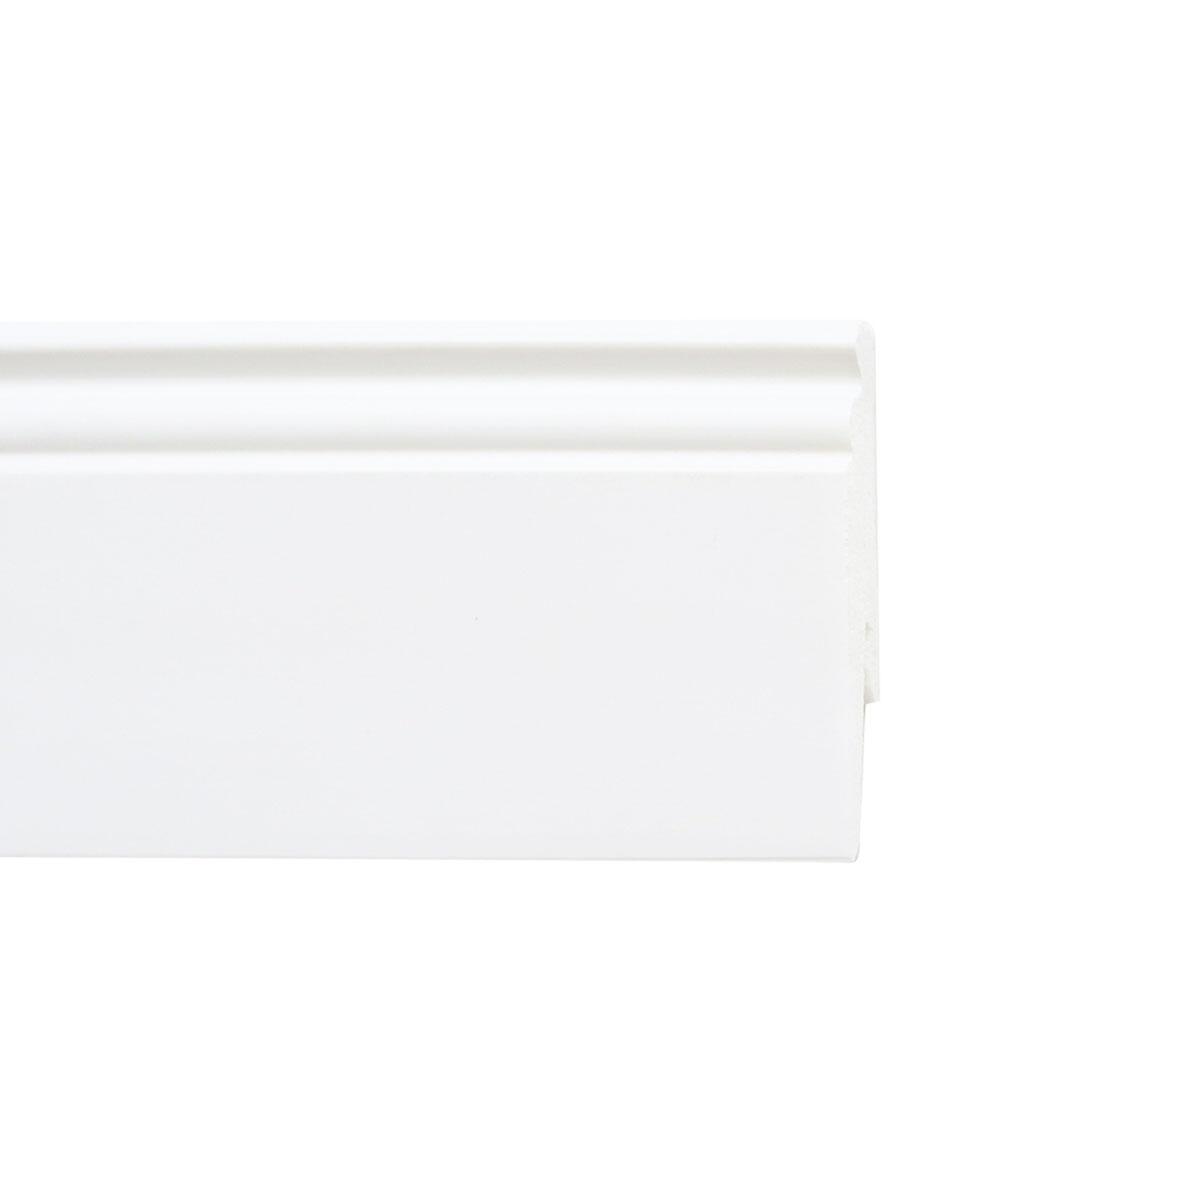 Battiscopa H 9 cm x L 2.4 m bianco - 2